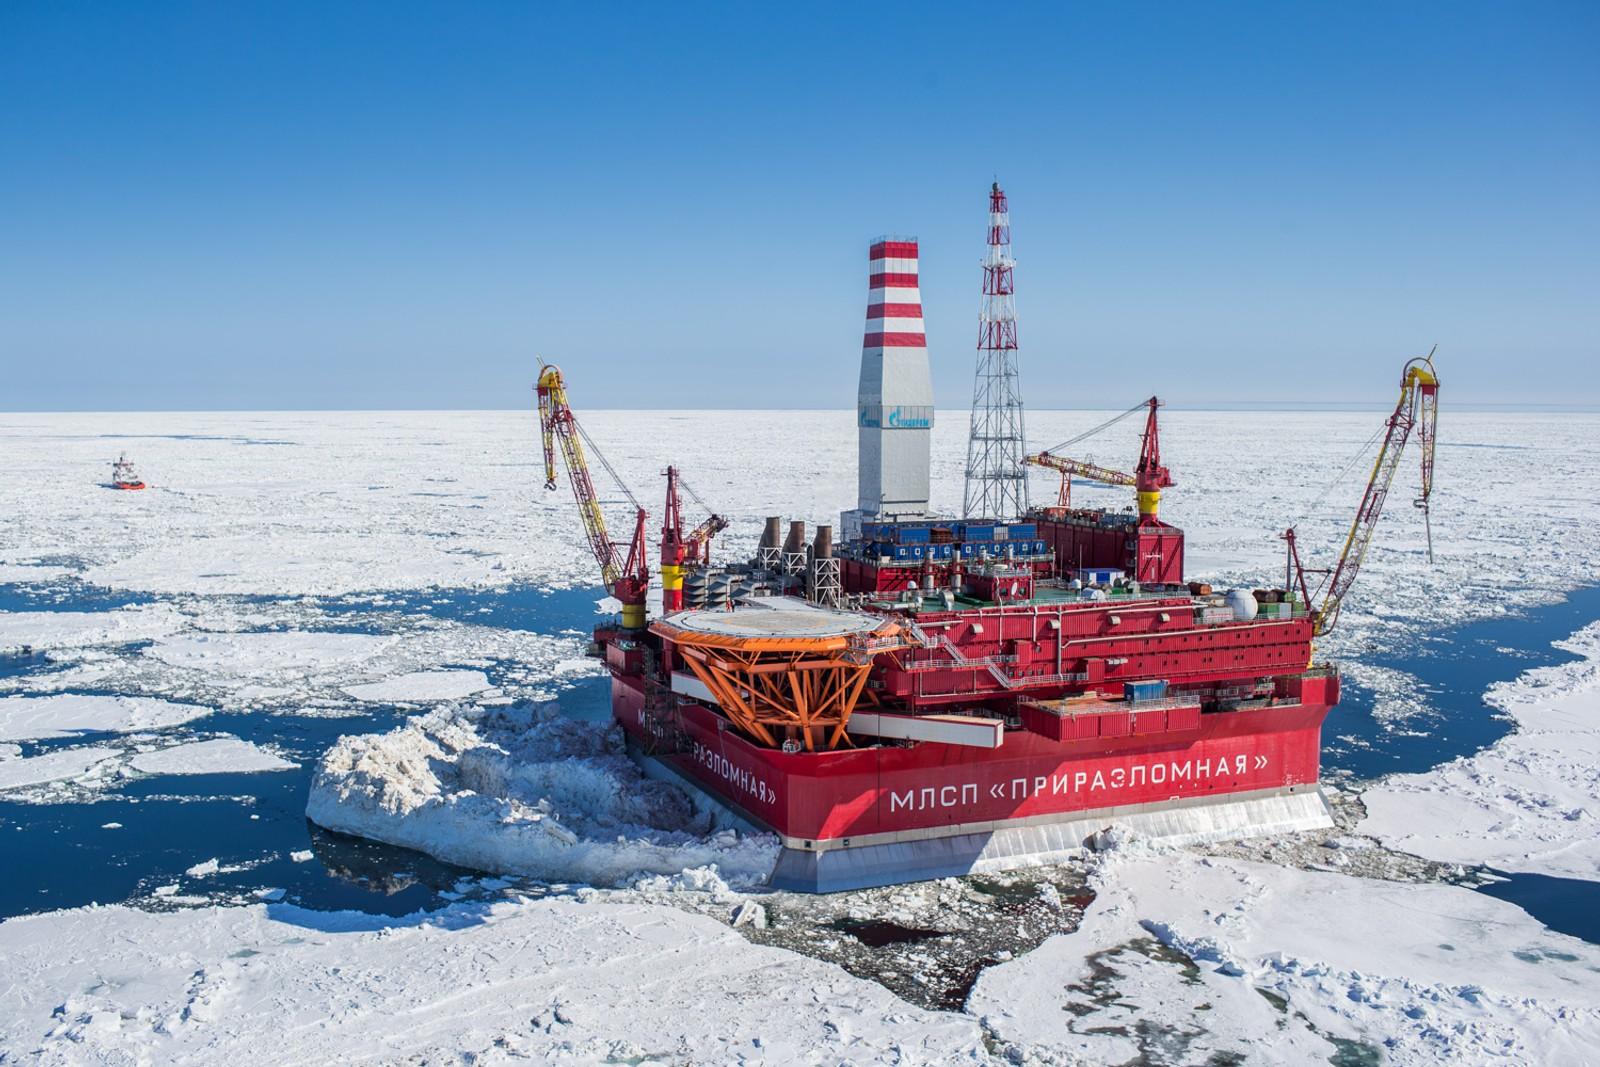 TUNG IS PÅ ALLE KANTER: Oljeriggen Prirazlomnaya ligger i Petsjorahavet, sør for Novaja Semlja. Riggen er drevet av Gazprom og omtales som verdens første ismotstandsdyktige plattform.